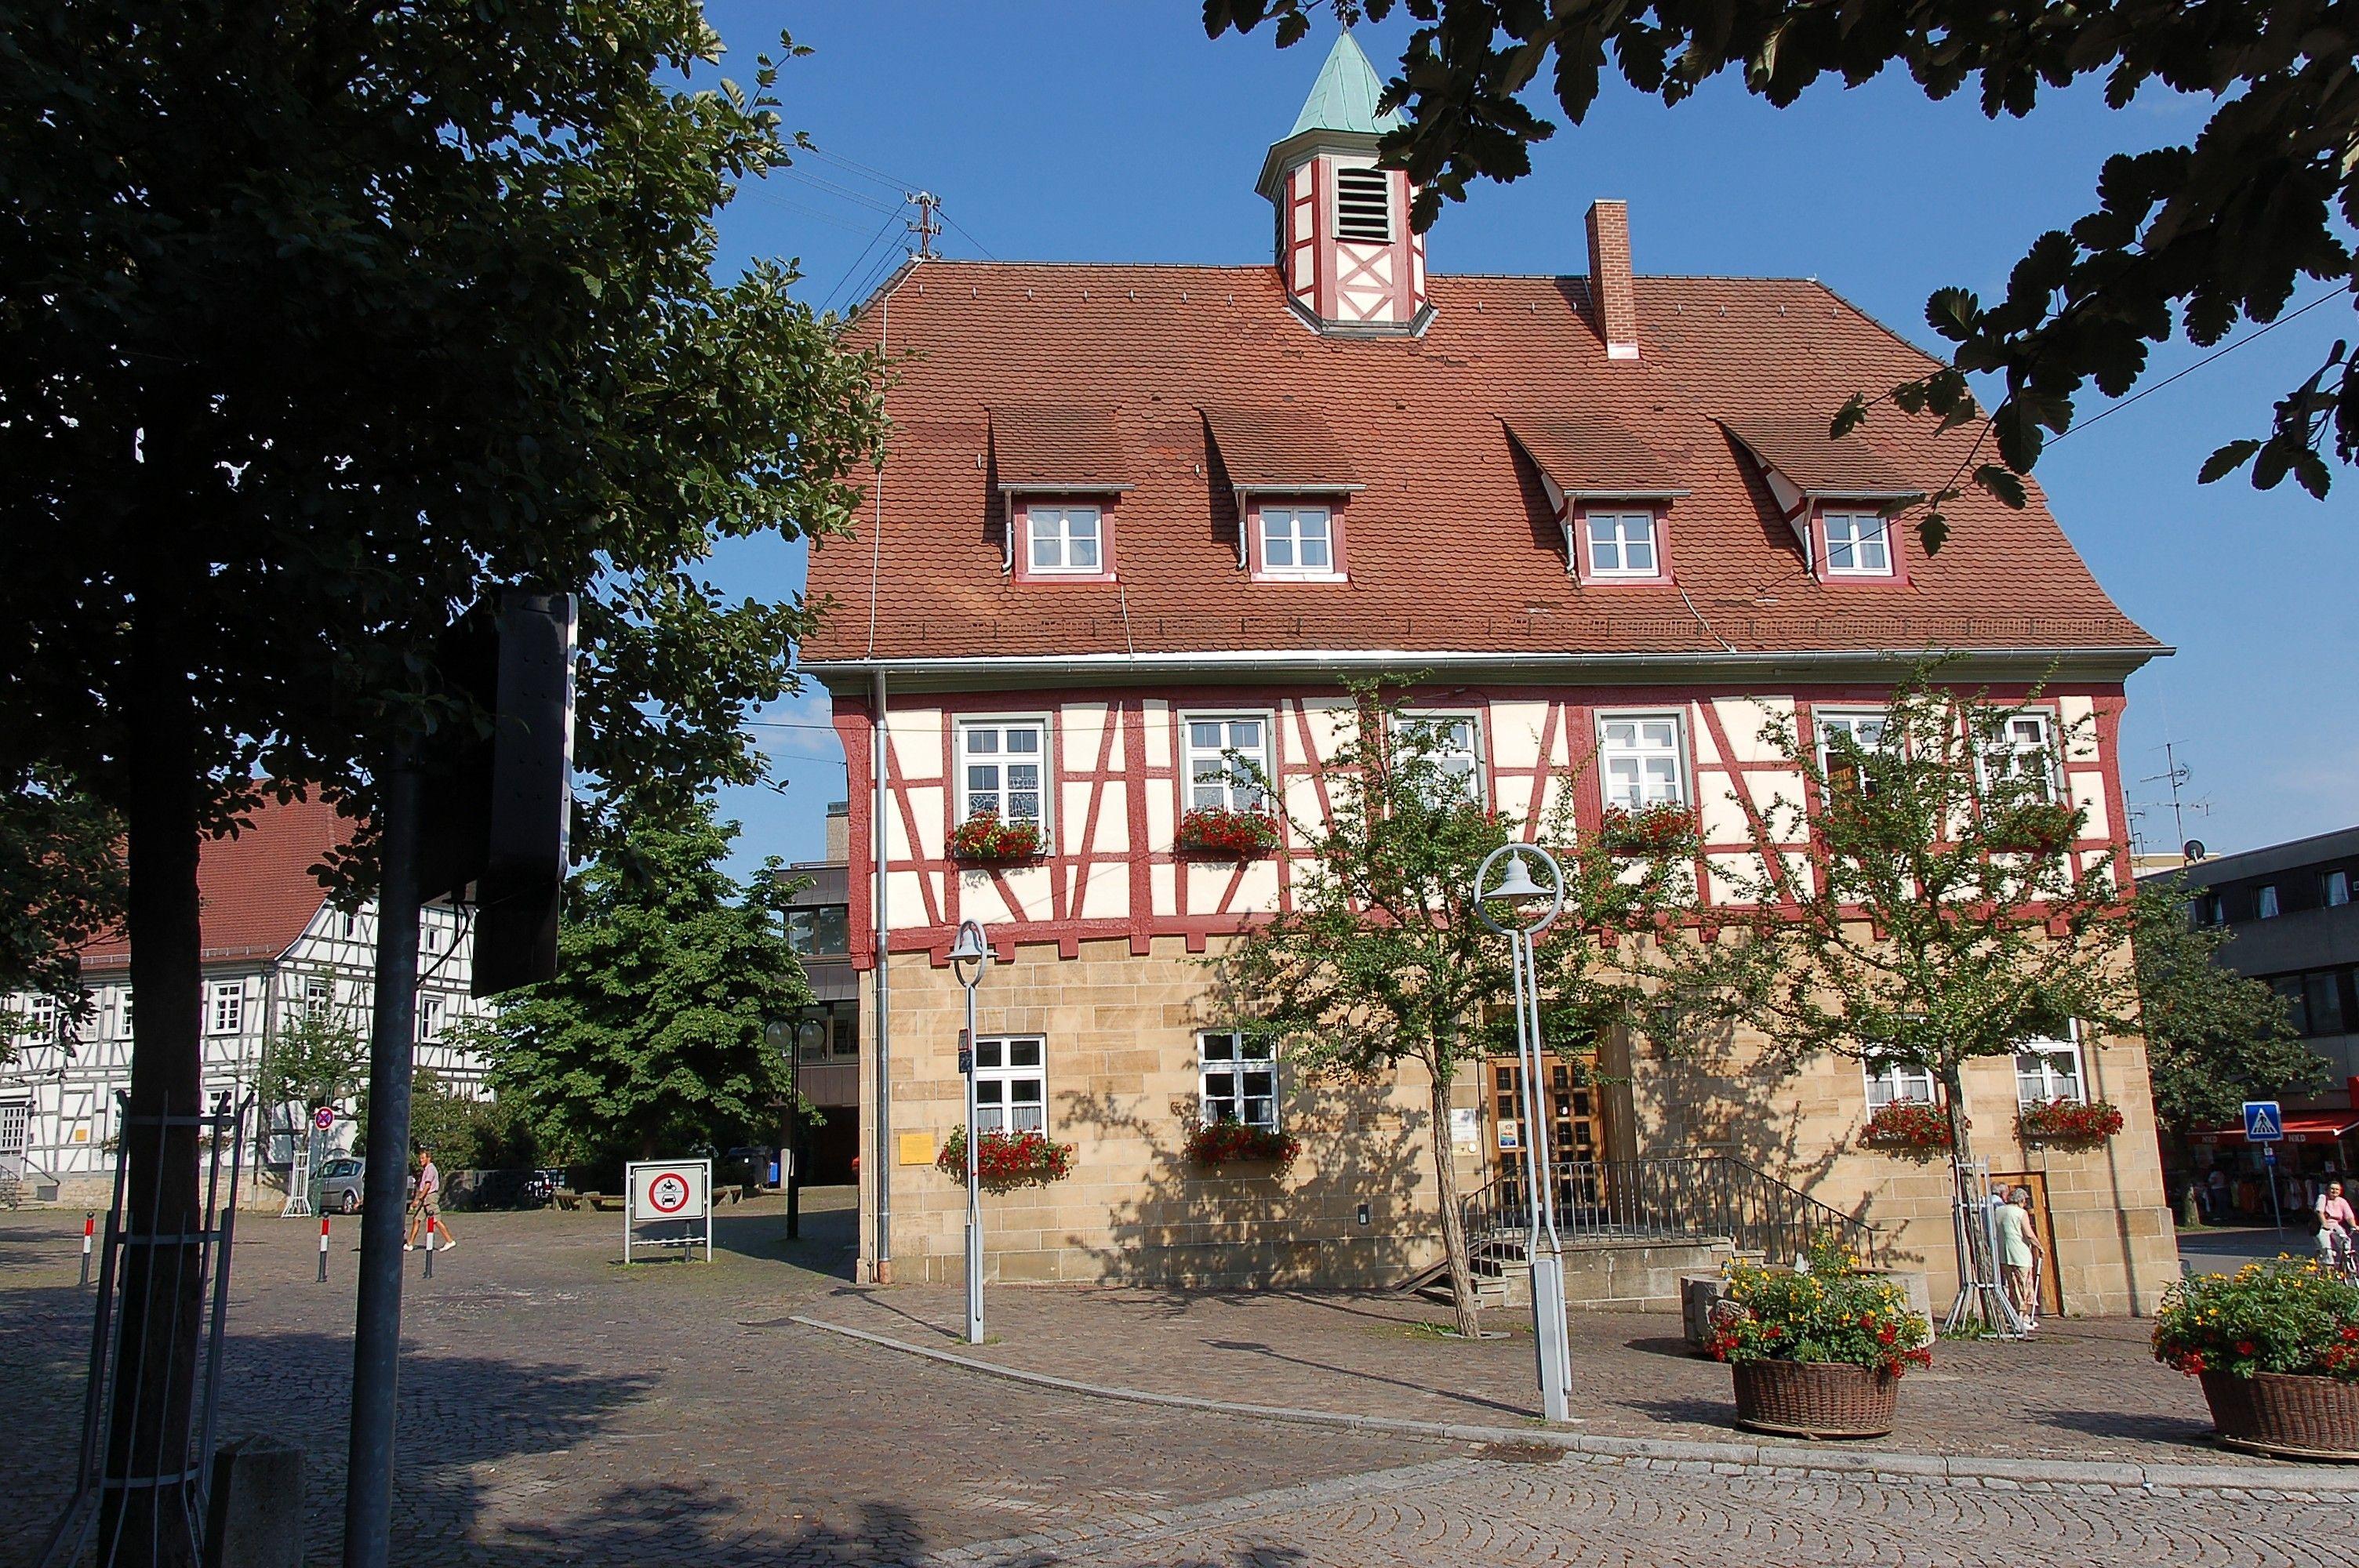 Leinfelden-Echterdingen Germany  city pictures gallery : Leinfelden Echterdingen | Beautiful Germany | Pinterest